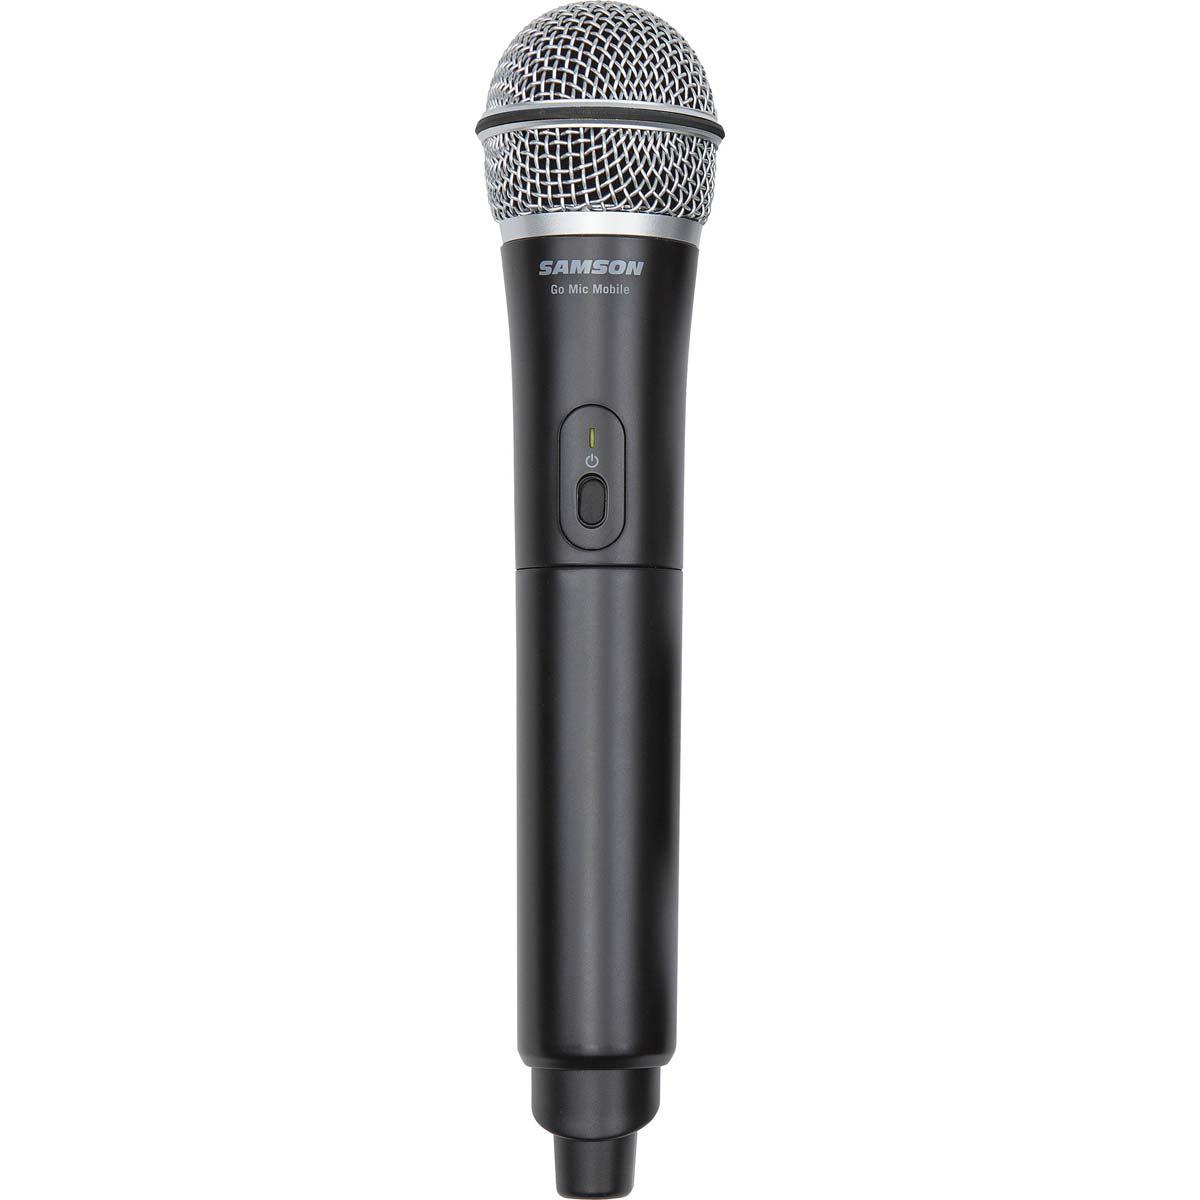 Billede af Samson Go Mic Mobile trådløse håndholdt mikrofon